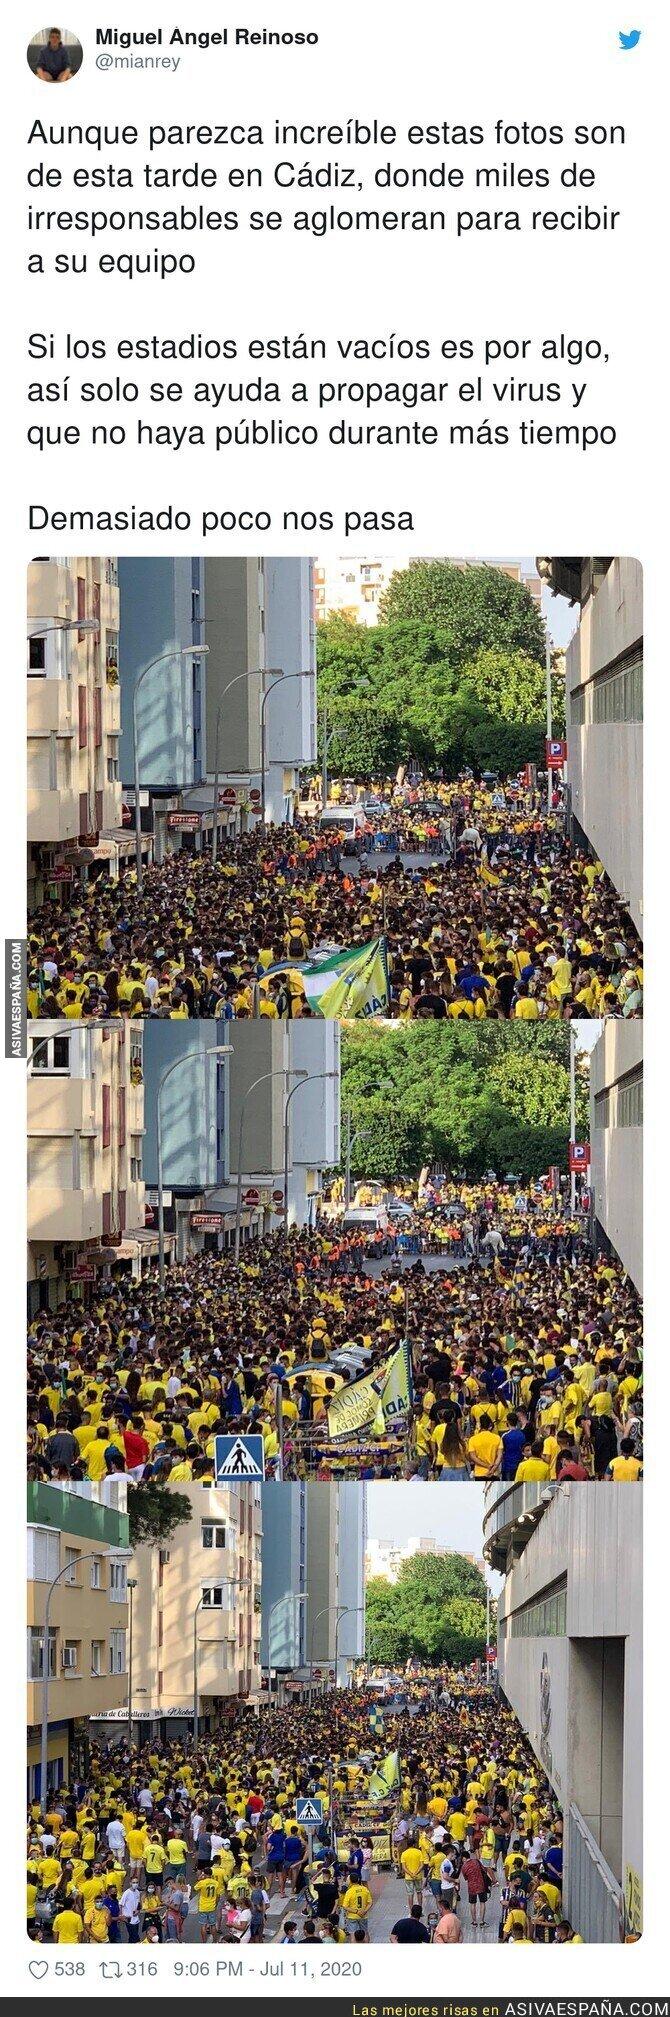 267923 - Total irresponsabilidad de la gente de Cádiz por culpa del fútbol